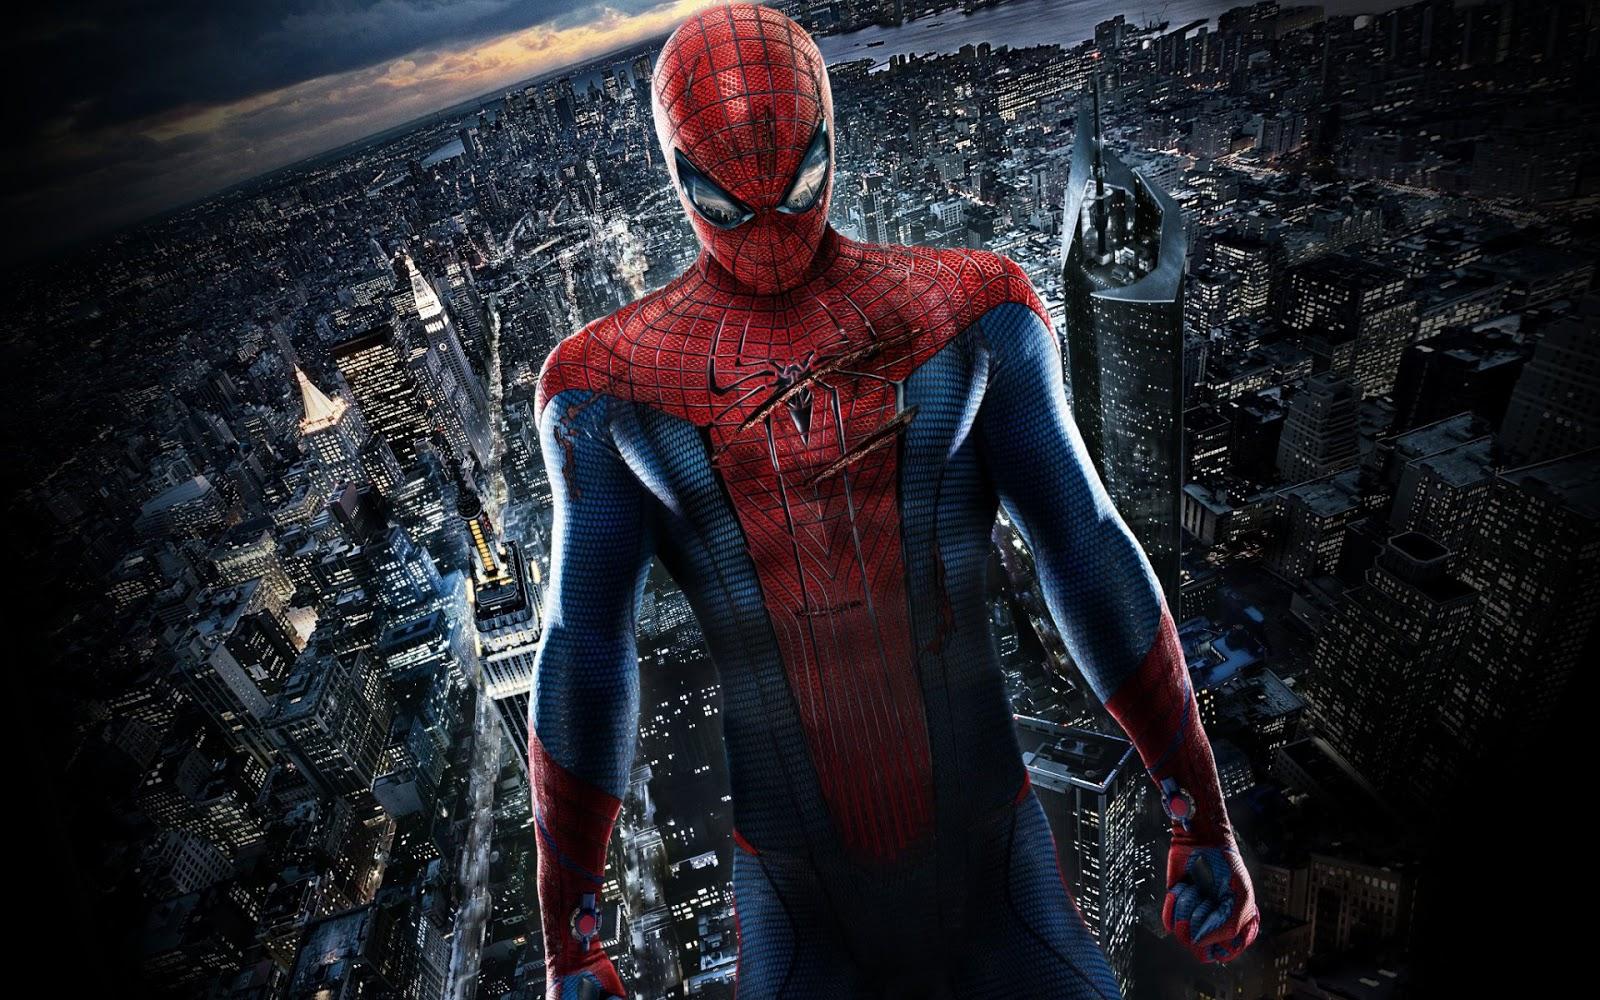 Dessins En Couleurs à Imprimer Spiderman Numéro 22321: Dessins En Couleurs à Imprimer : Spiderman, Numéro : 692350